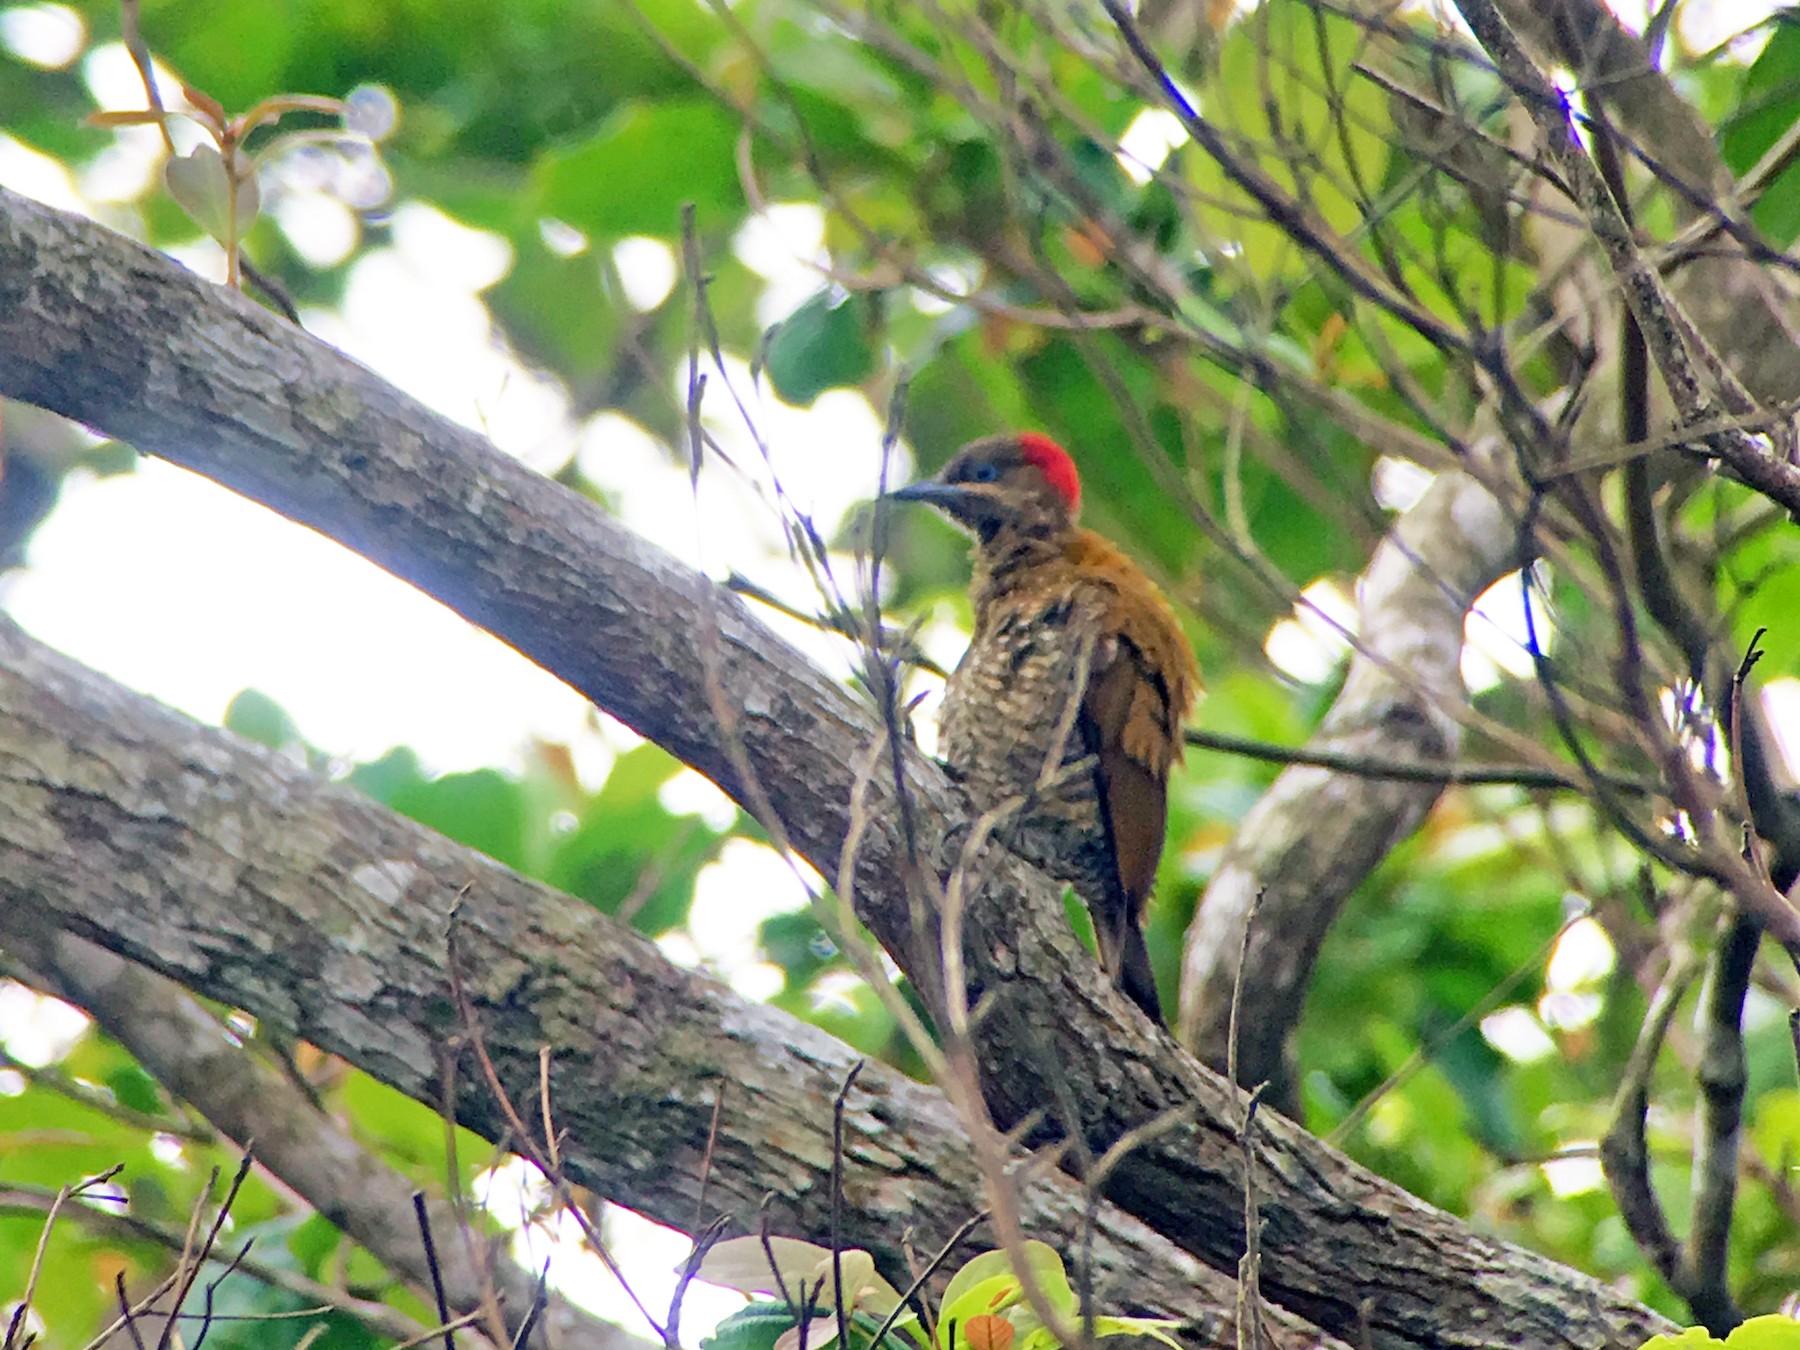 Stripe-cheeked Woodpecker - Domiciano Alveo - www.birdingtripspanama.com